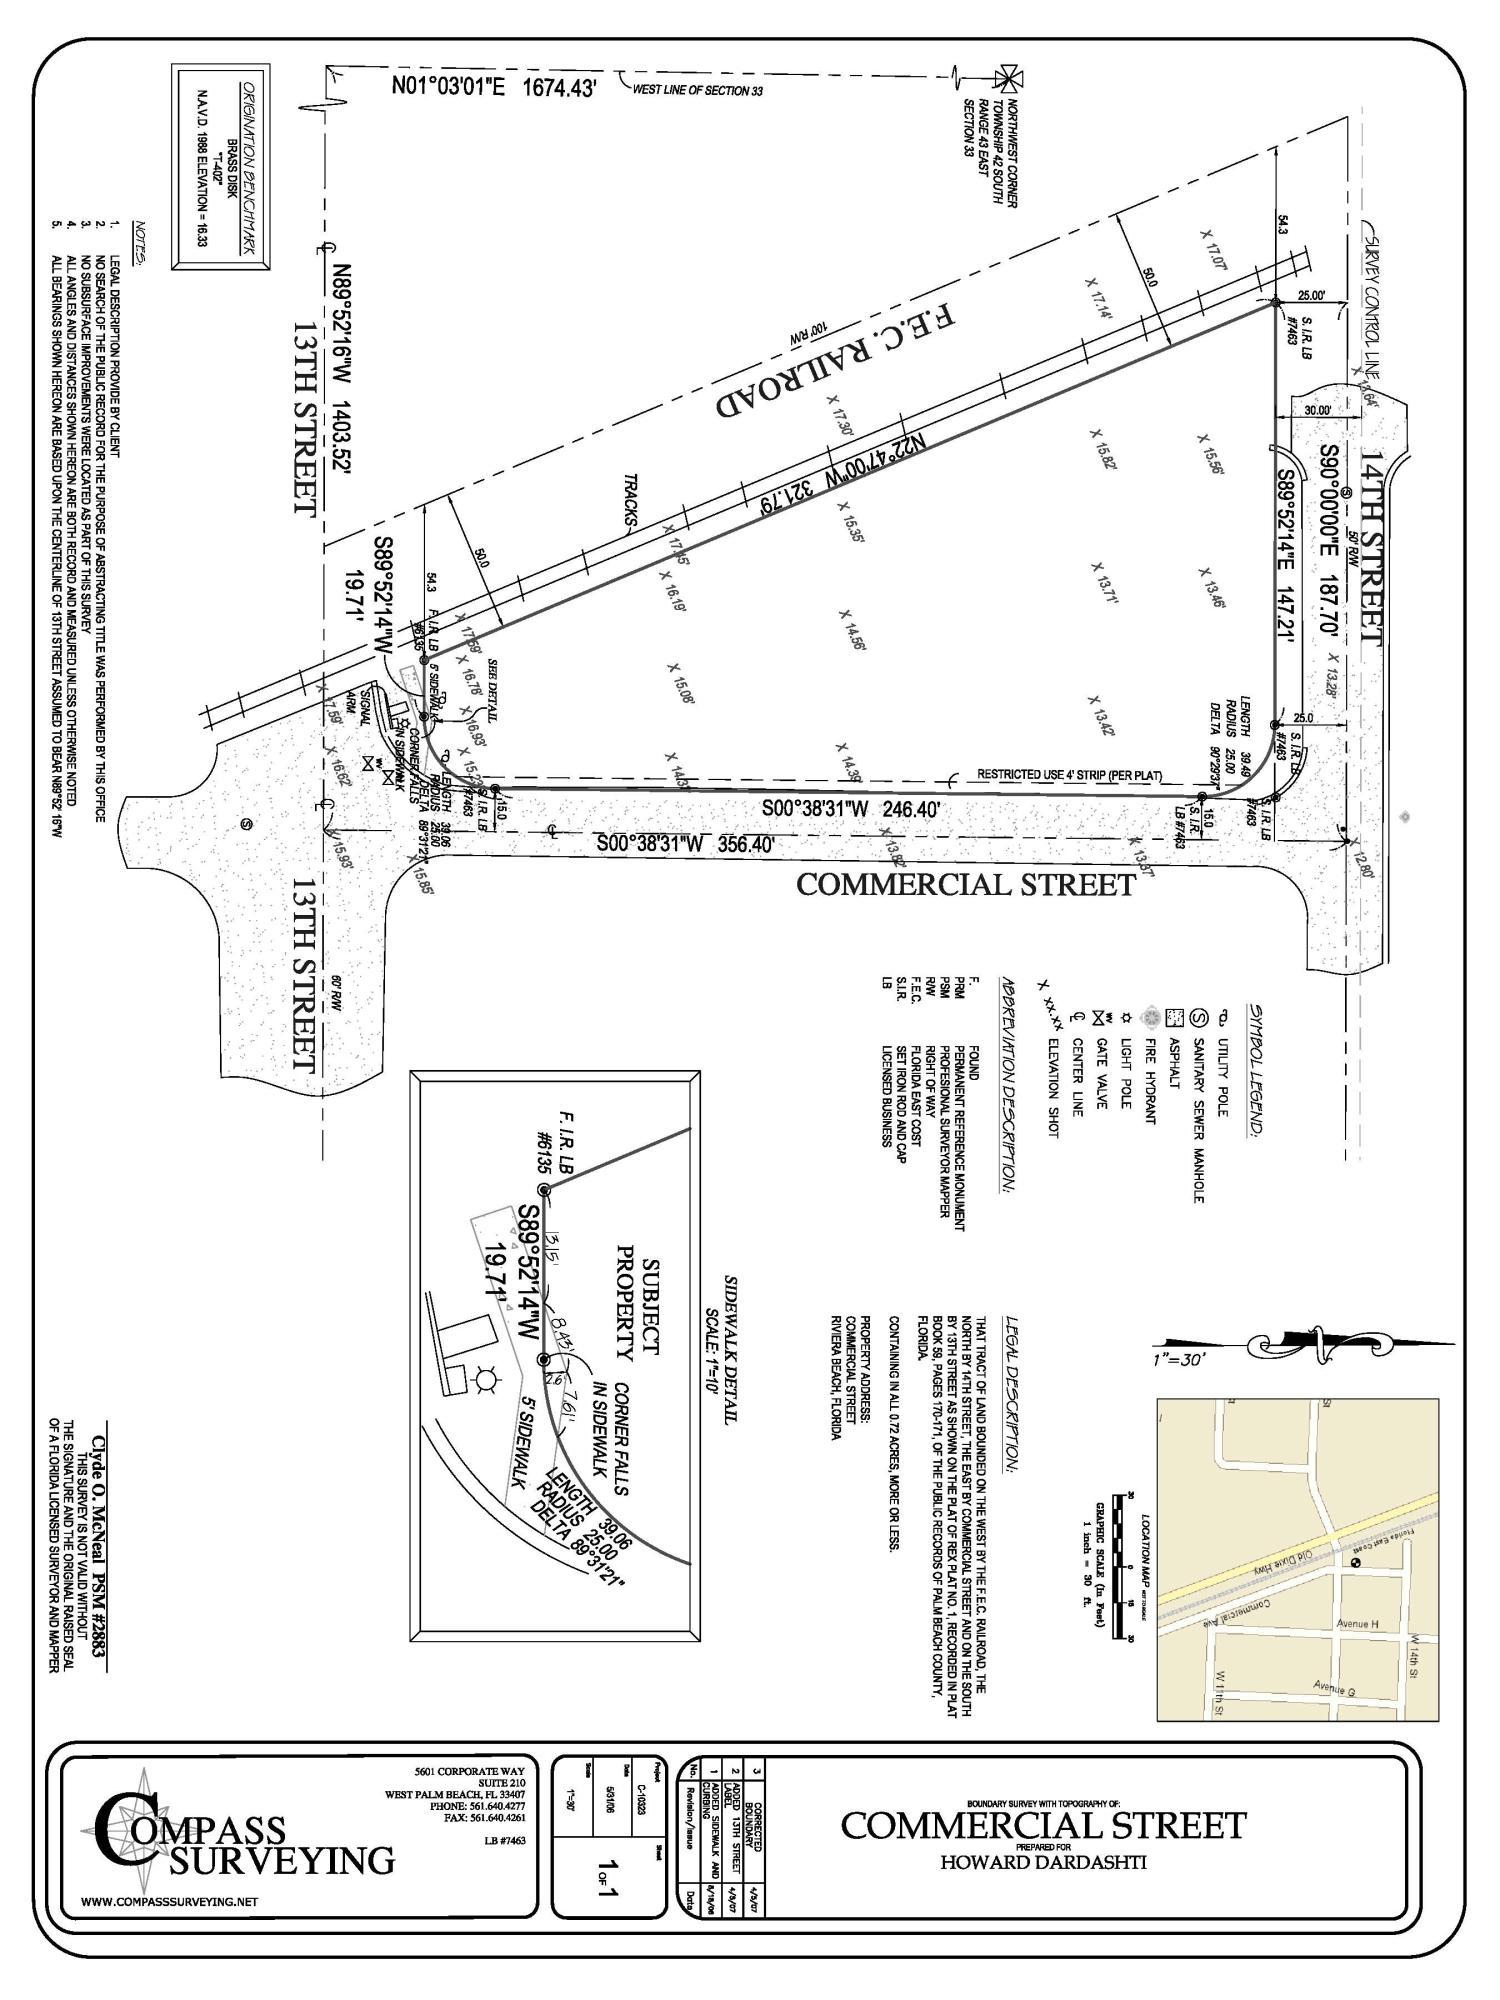 Survey 6-5-08 C-10323 18X24 (1)